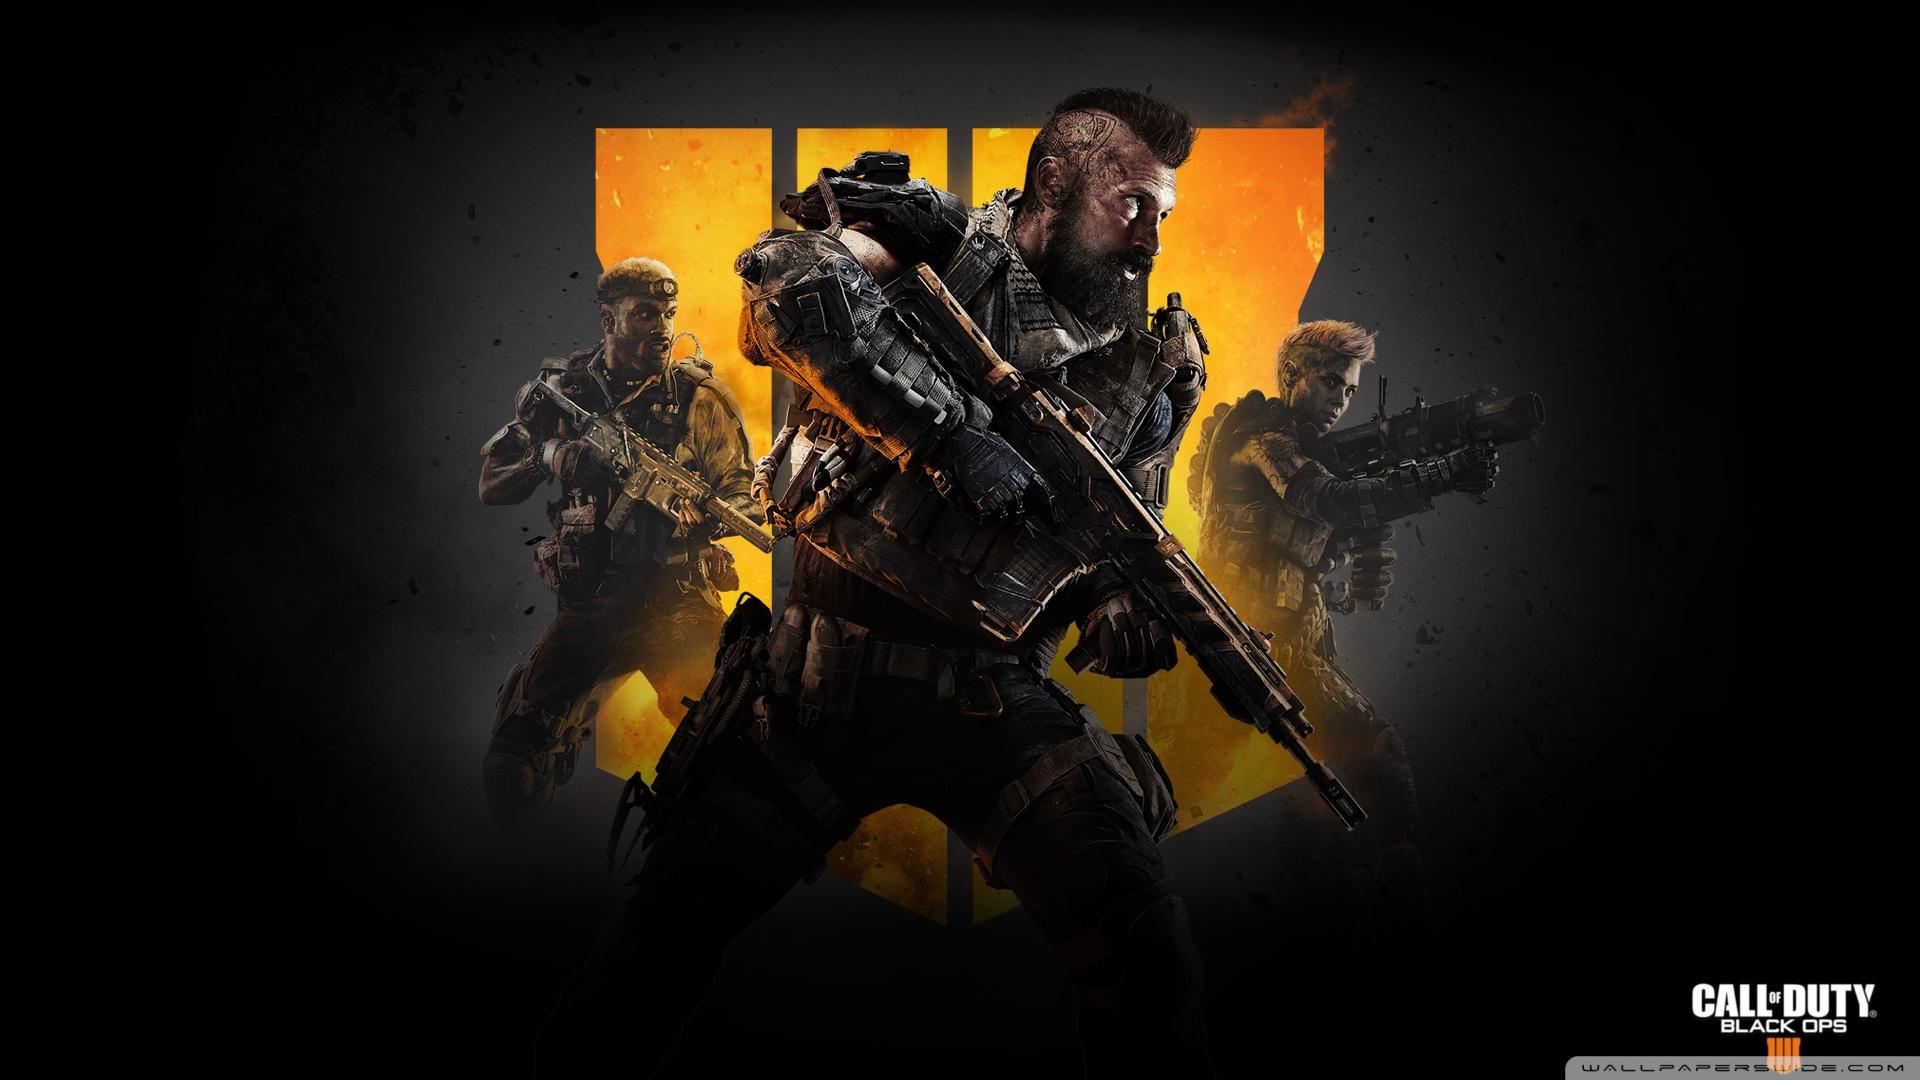 محتوای الحاقی Call of Duty: Black Ops 4 در انحصار زمانی پلیاستیشن ۴ خواهند بود.